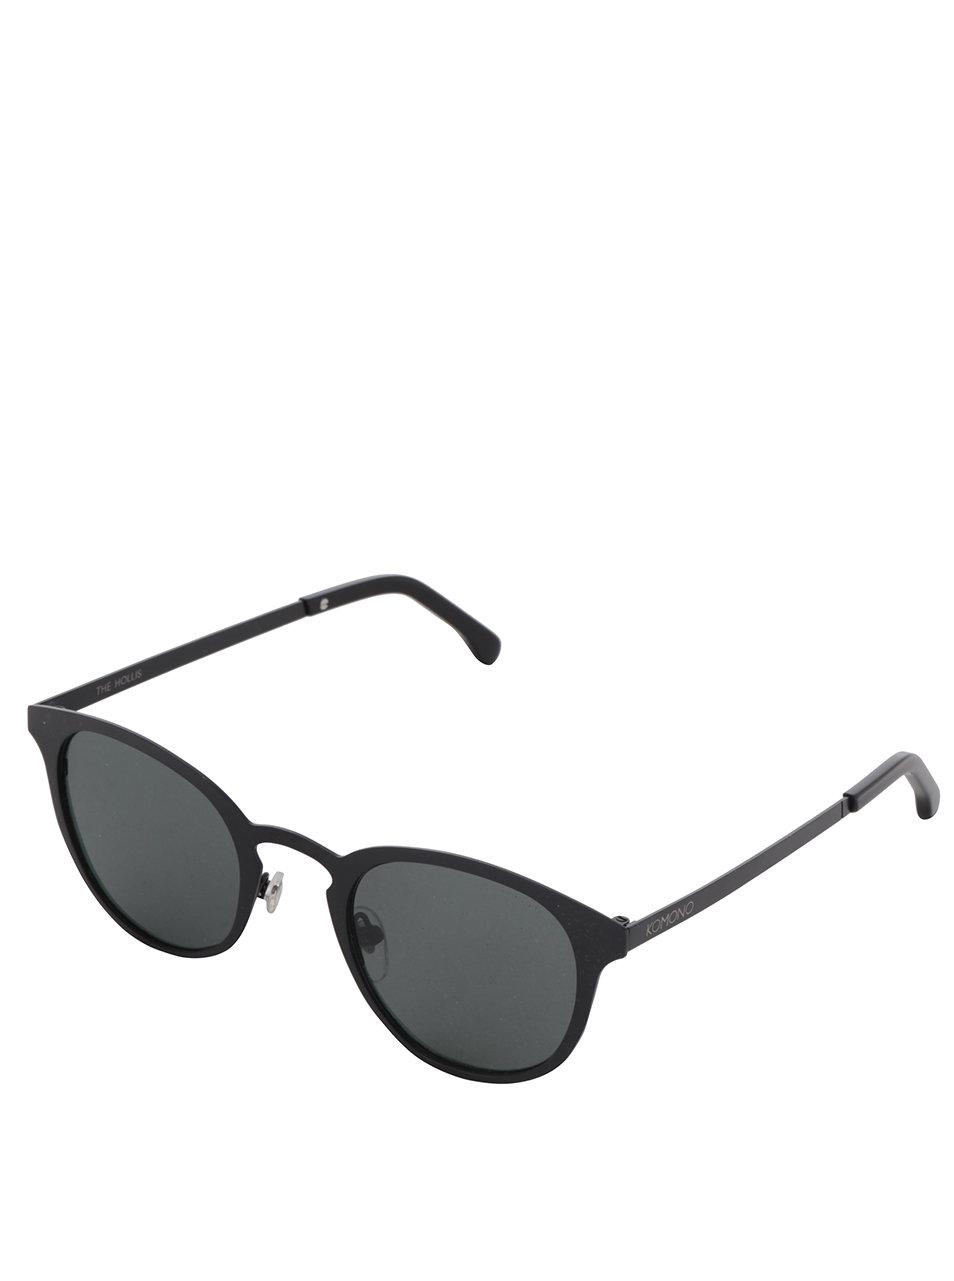 Čierne unisex slnečné okuliare s kovovým rámom Komono Hollis ... 885348995c2